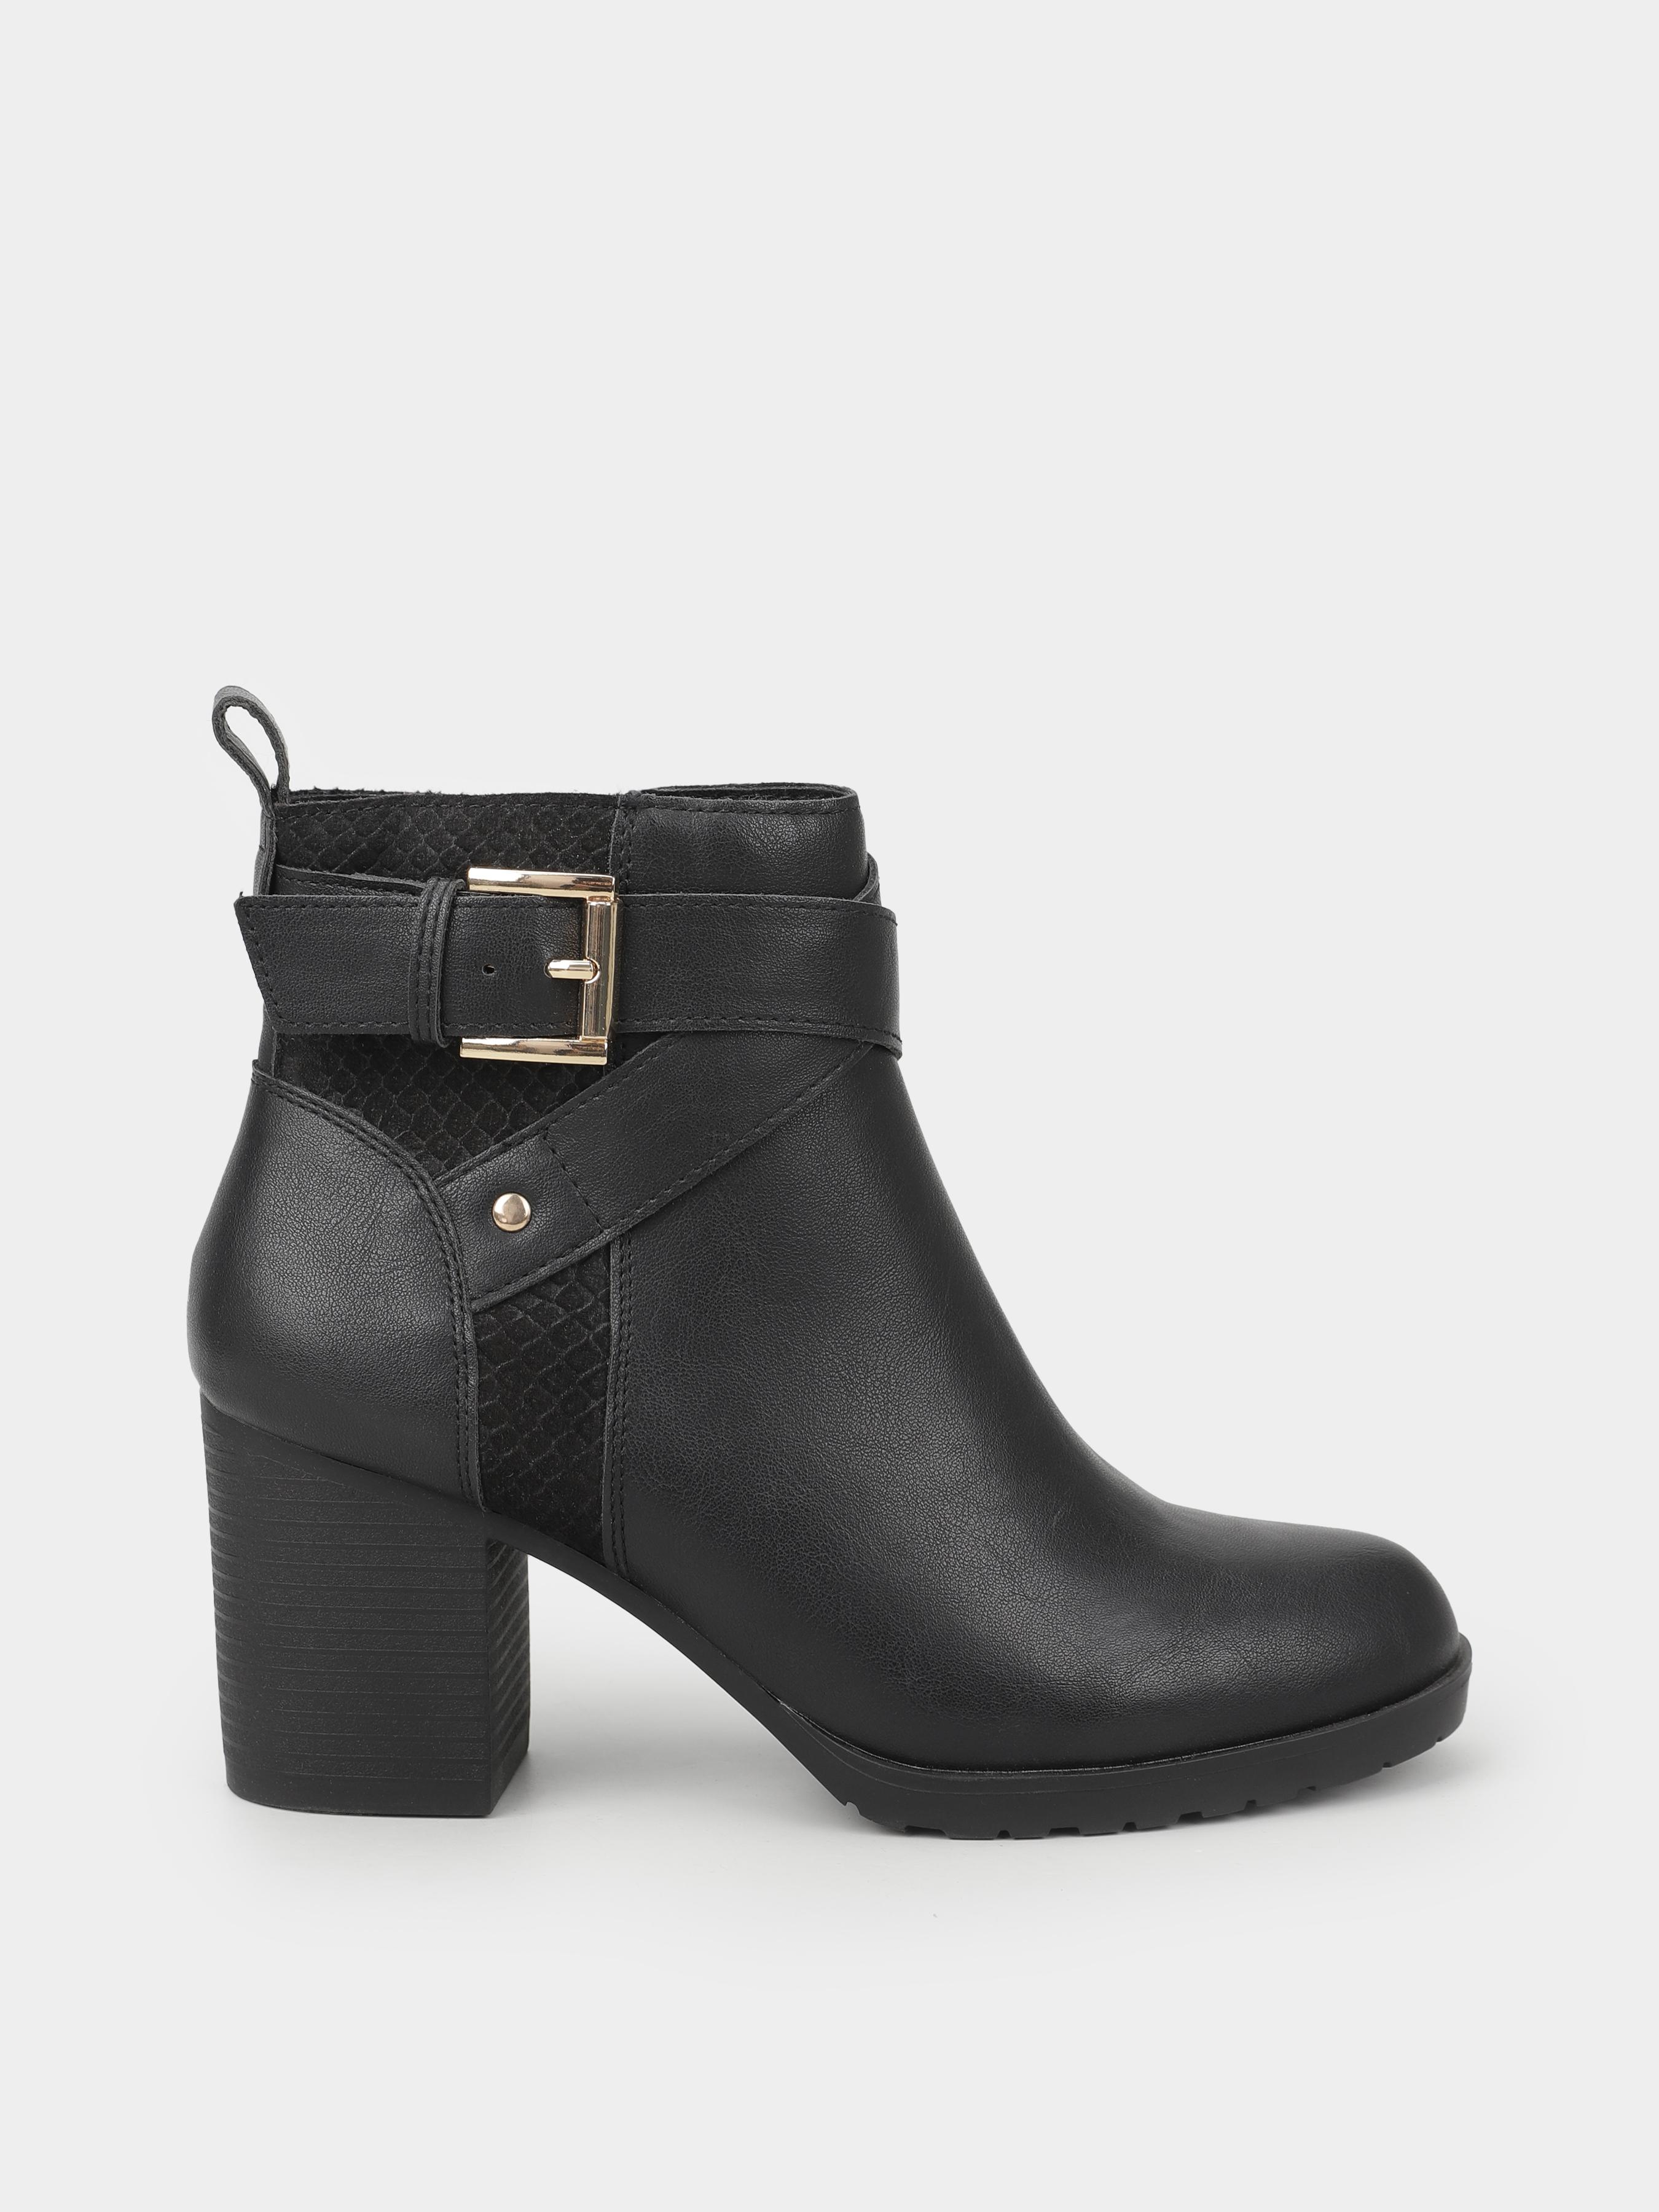 Ботинки для женщин M Wone OI153 цена, 2017